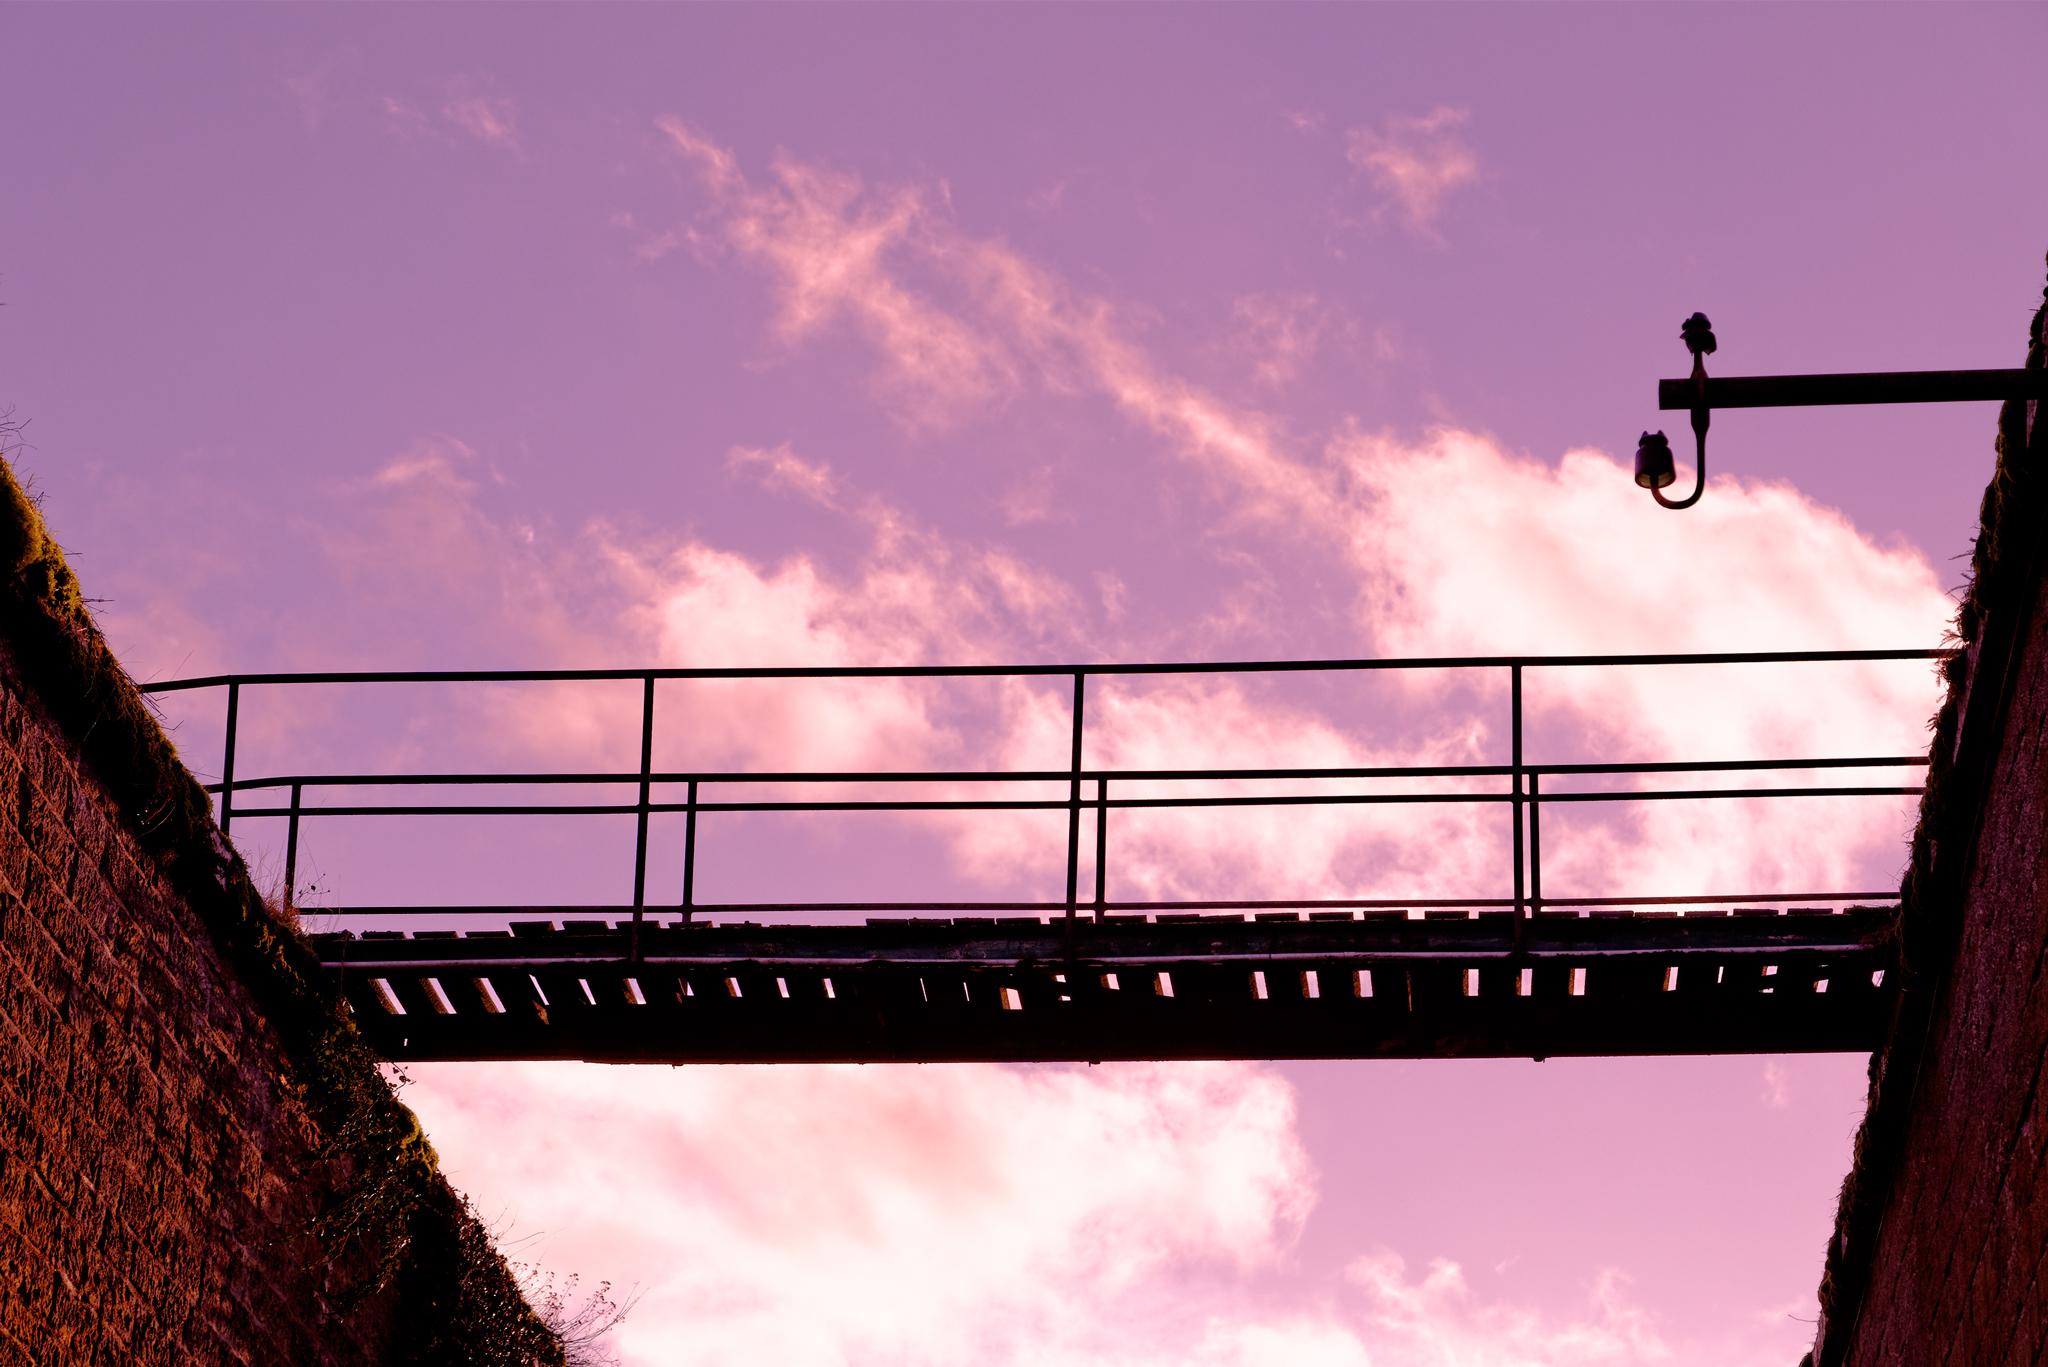 Passerel et ciel mauve par stéphane thirion